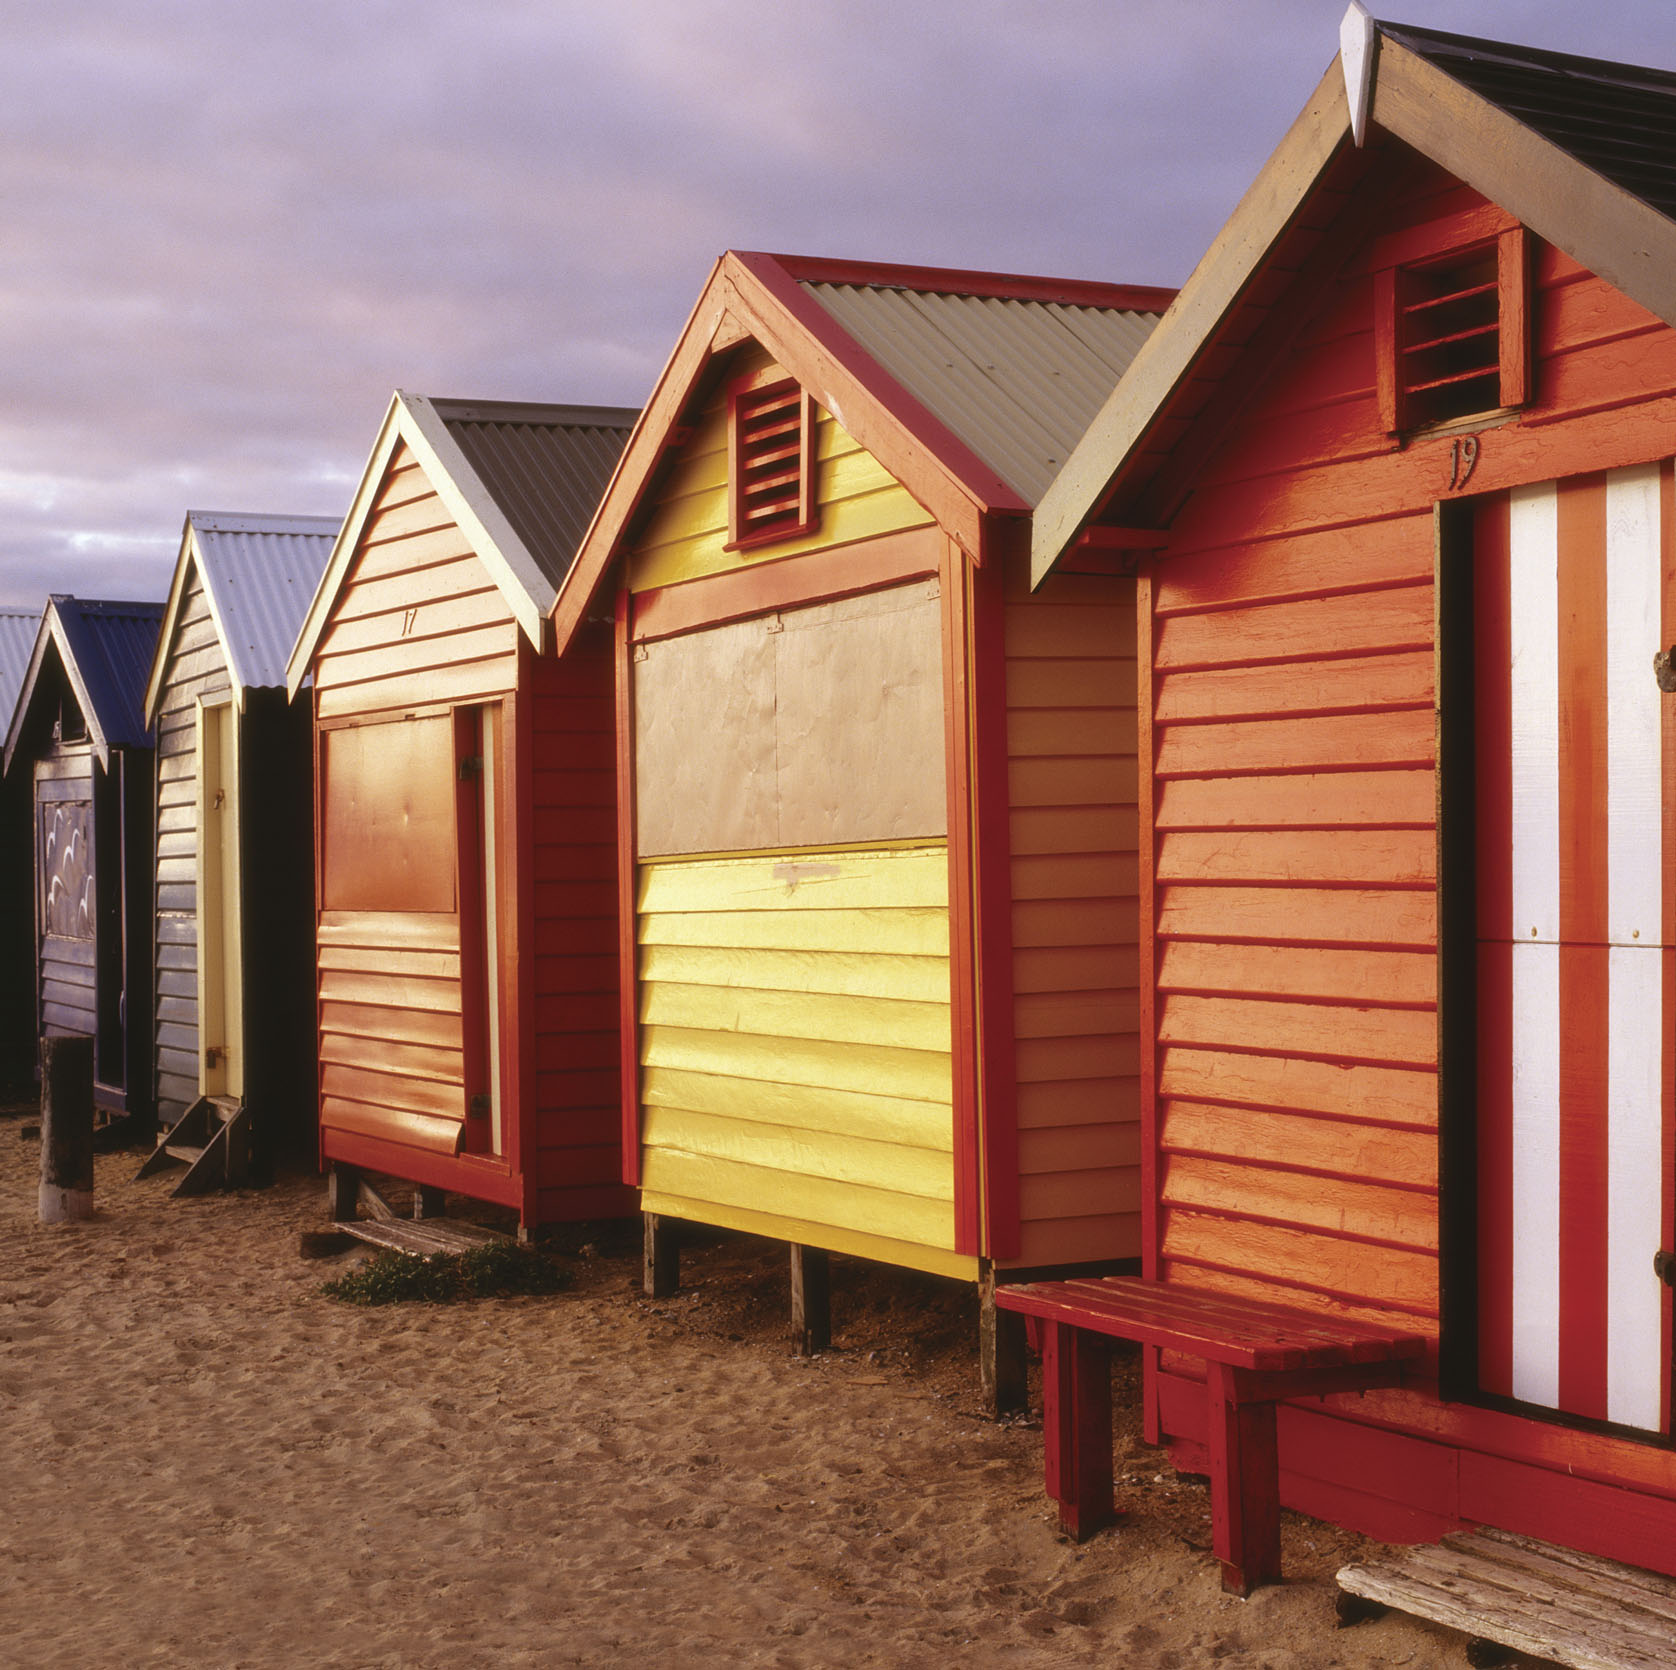 Brighton Beach Melbourne - Viaje por el sur de Australia